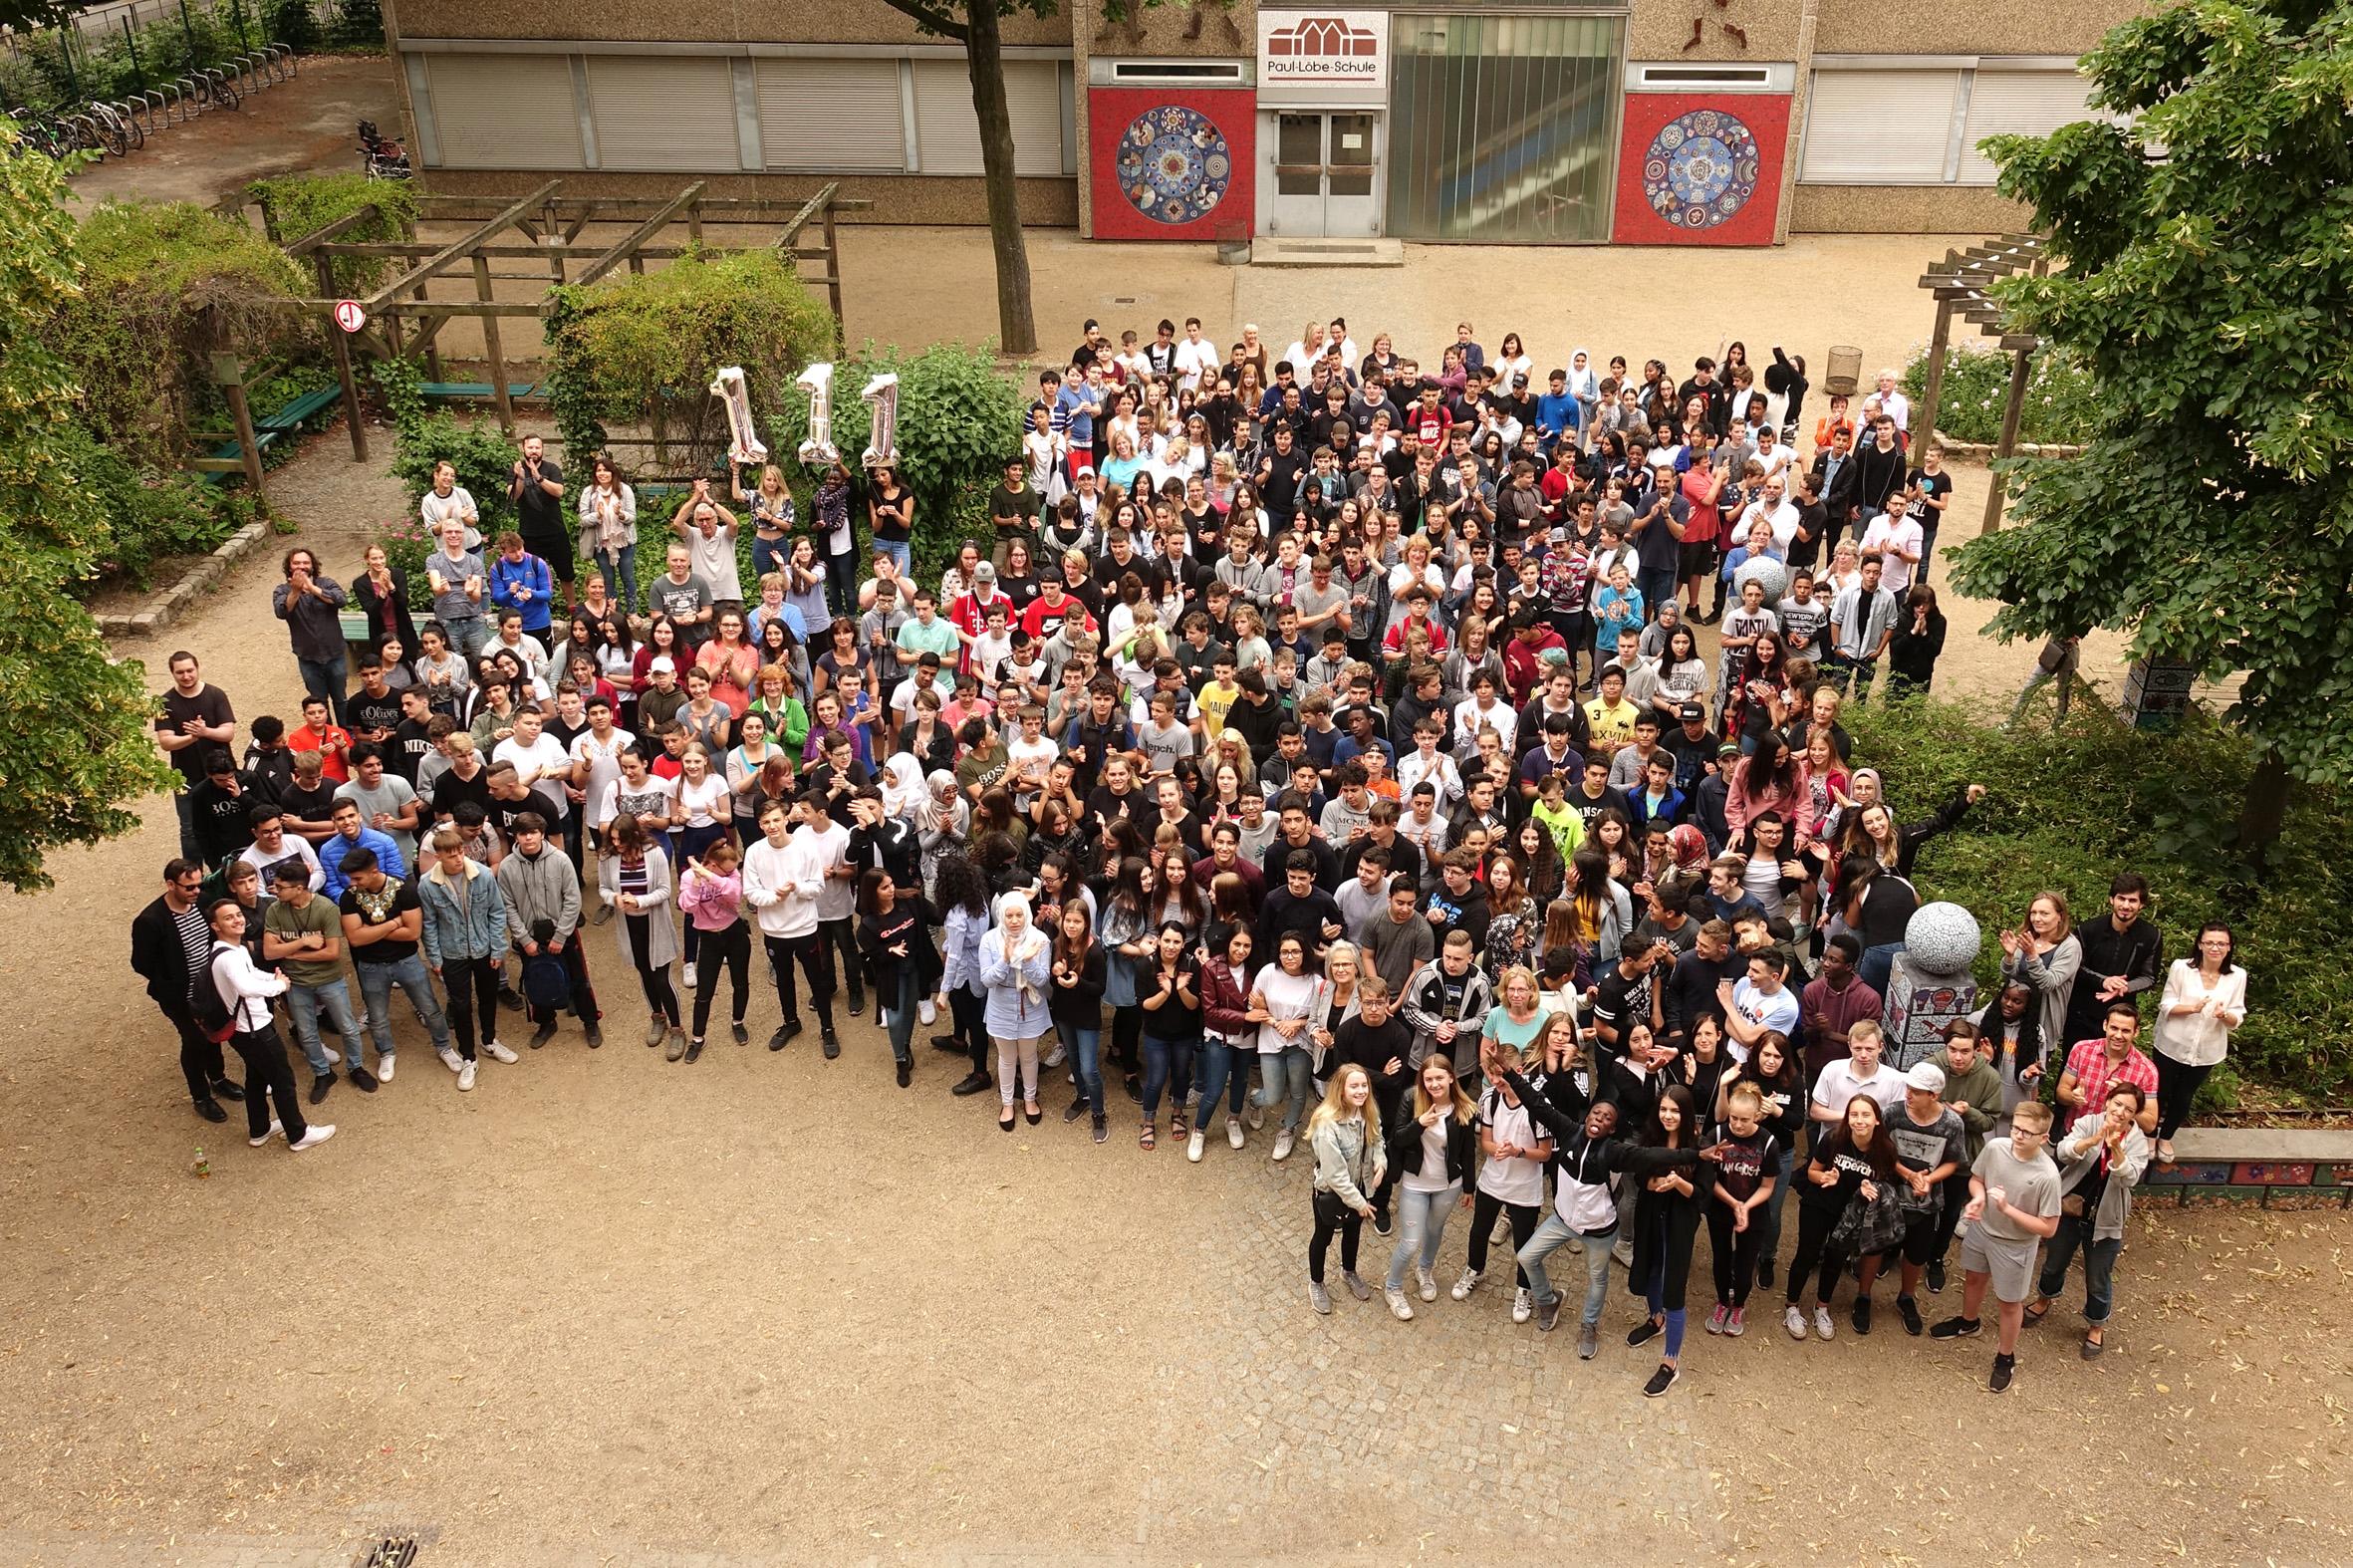 Unsere Schule in Reinickendorf